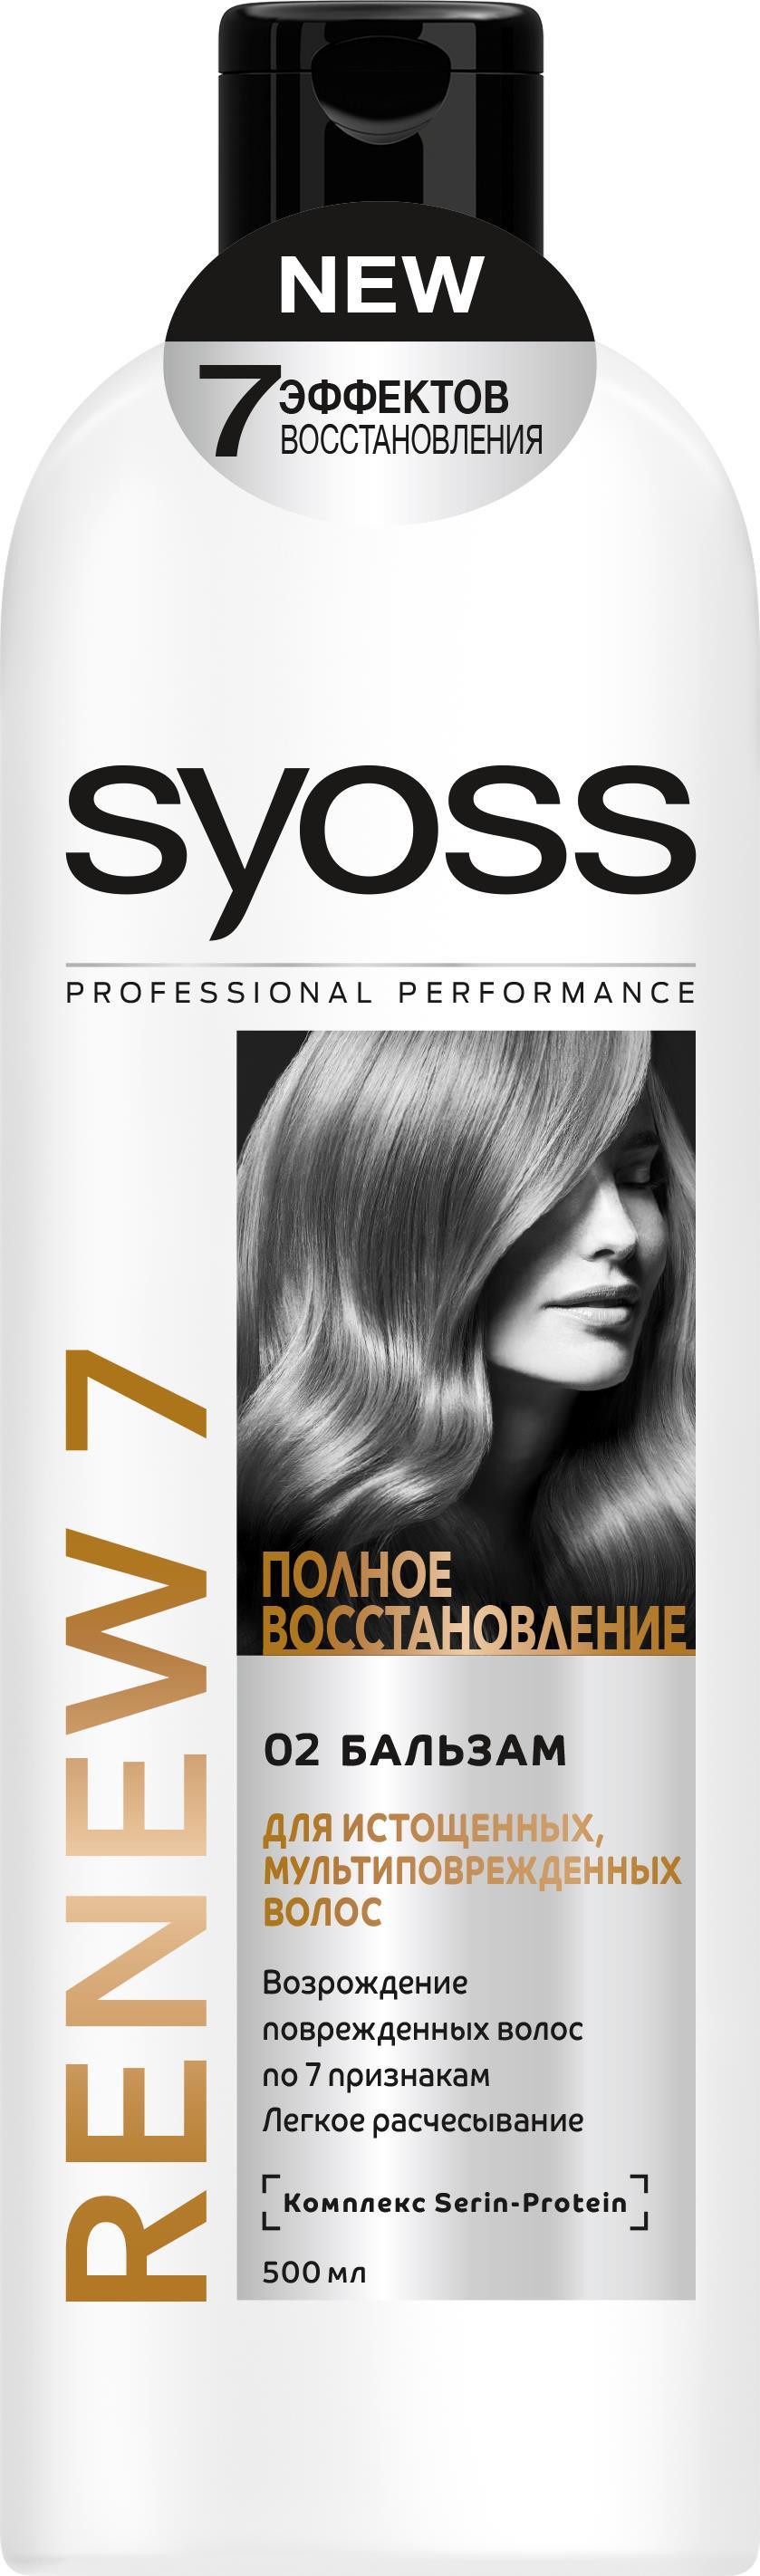 Syoss Бальзам Renew 7 для мульти-поврежденных истощенных волос, 500 мл syoss salonplex реставрация волос шампунь для химически и механически поврежденных волос 500 мл